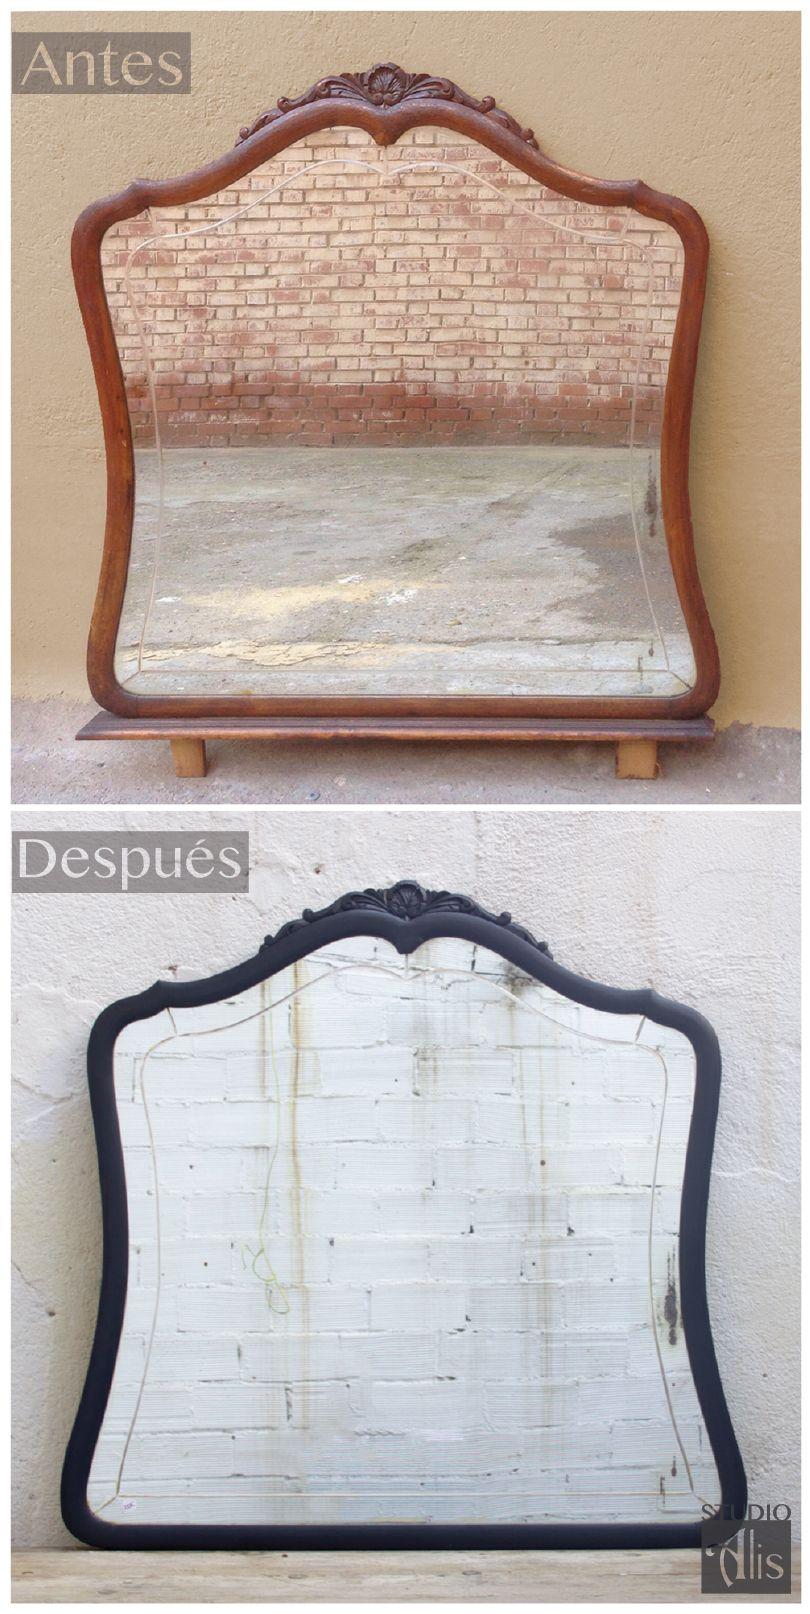 Espejo clásico pintado en negro para un look más fresco y moderno. Studio Alis - Barcelona